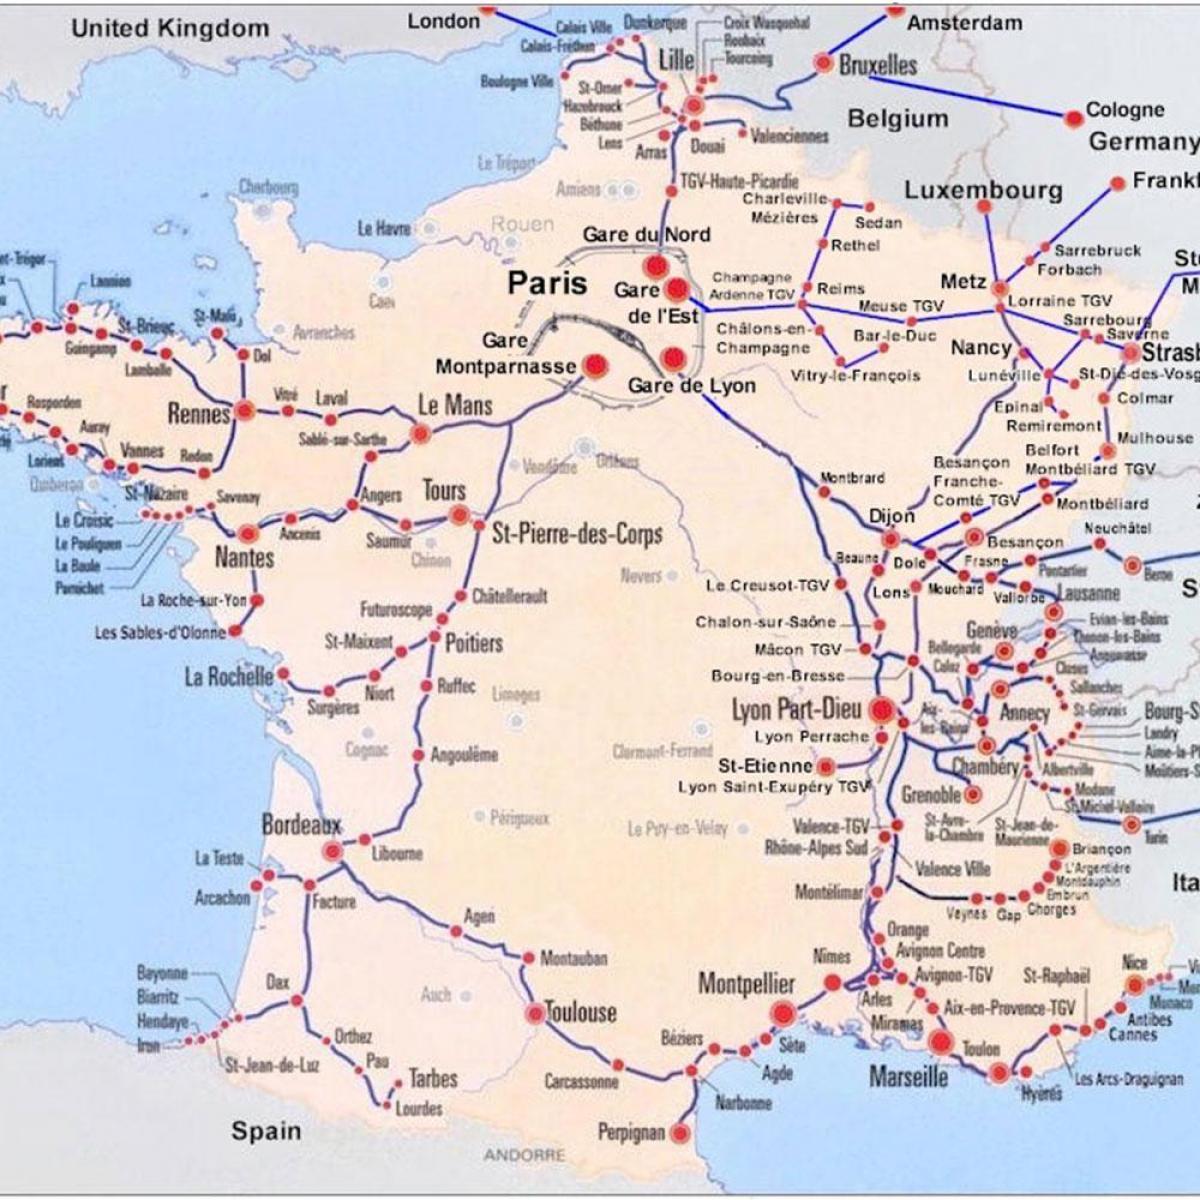 sør frankrike kart Tog kart sør Frankrike   Sør Frankrike tog kart (Vest Europa   Europa) sør frankrike kart